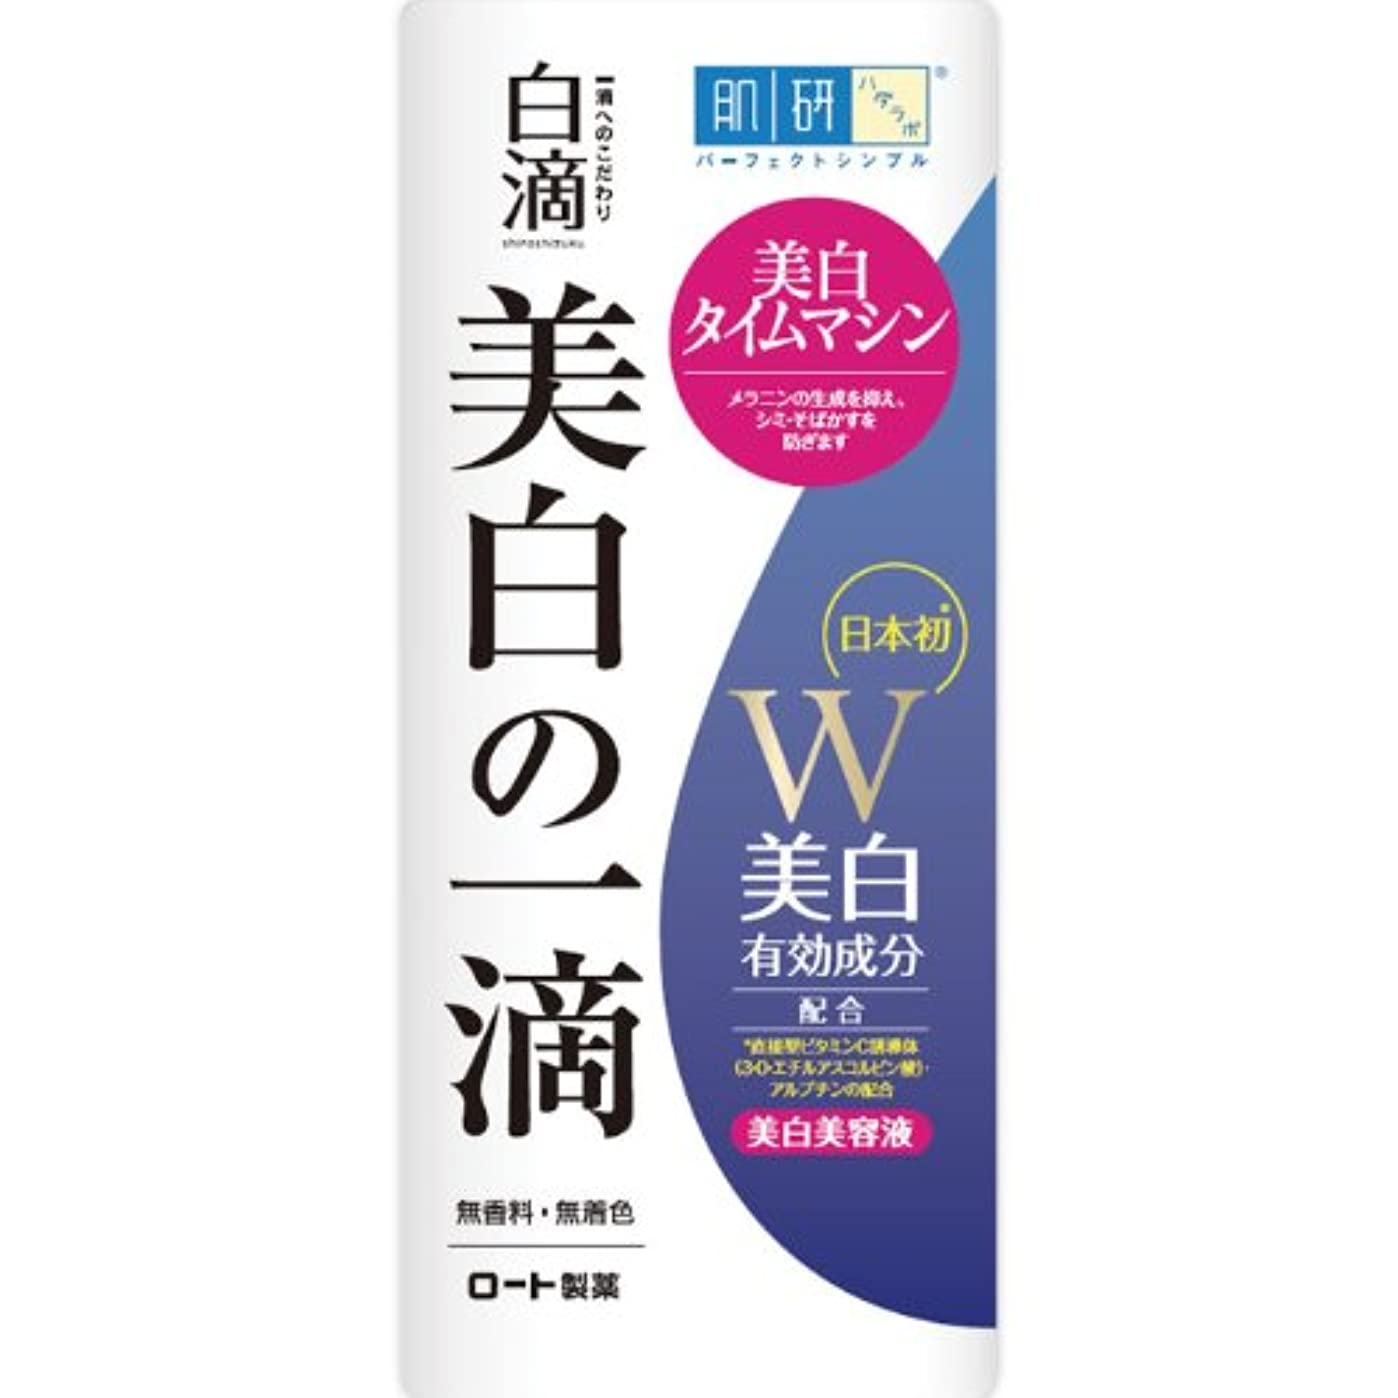 支配するモデレータお酒【医薬部外品】肌研(ハダラボ) 白滴 (シロシズク) 美白の一滴 45mL